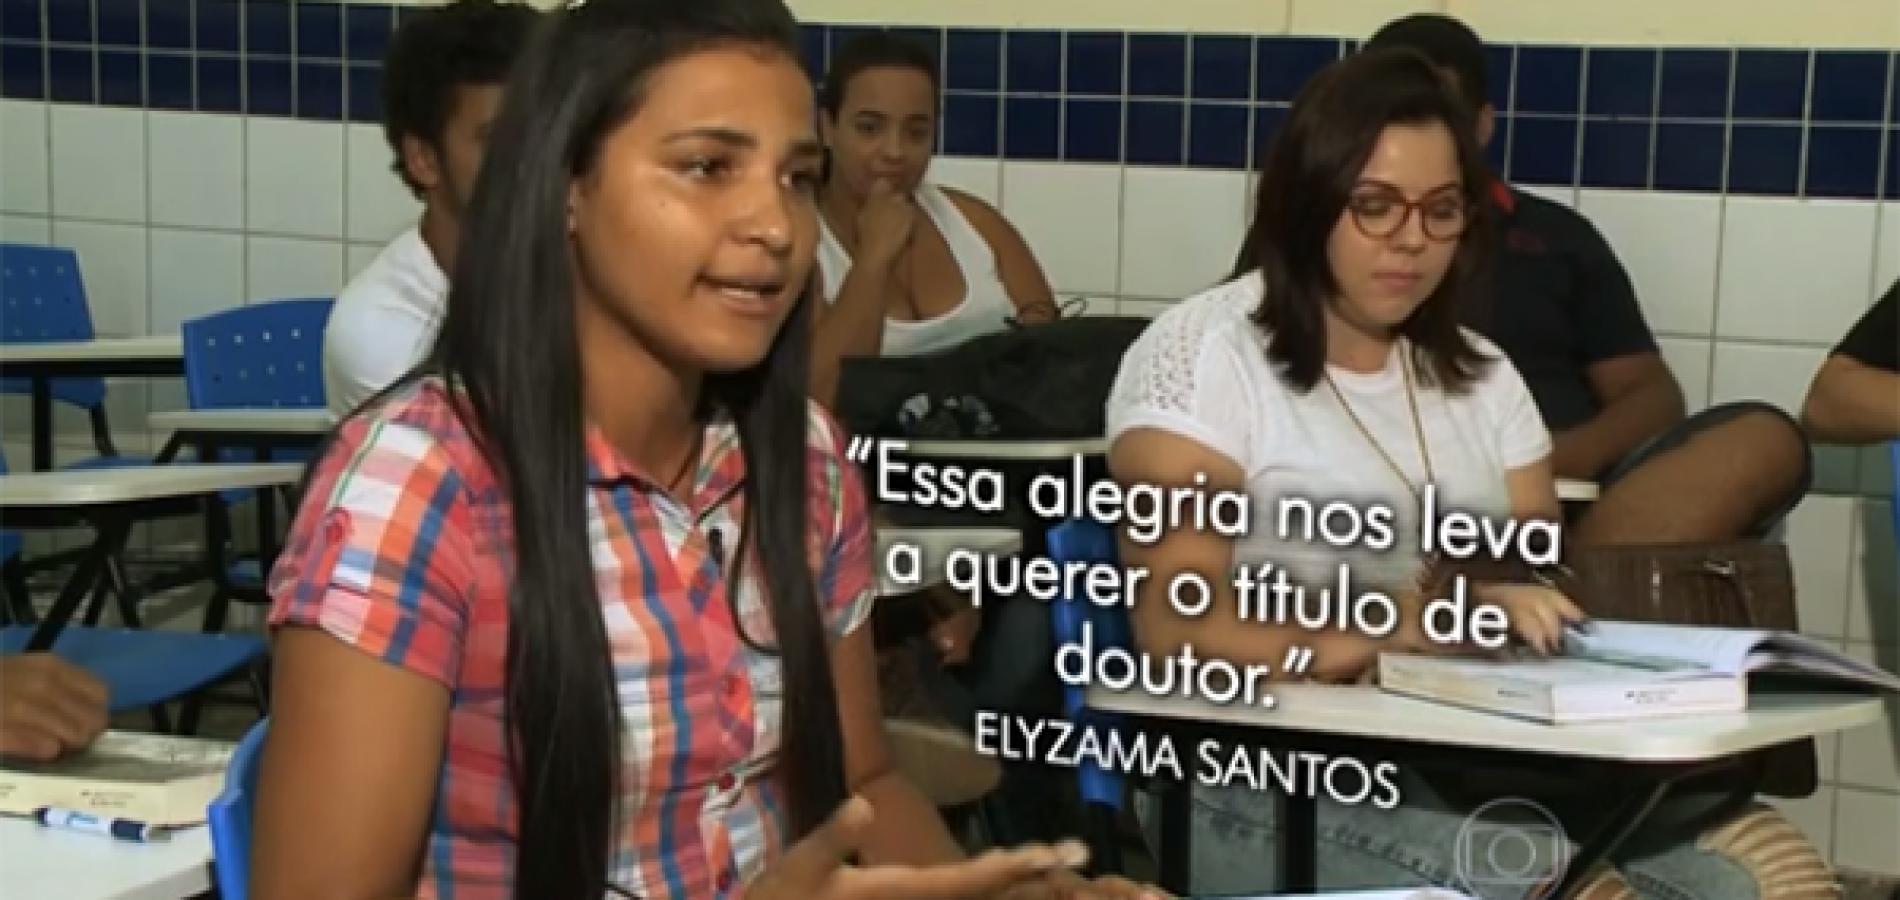 Jornal Hoje: Bom Jesus-PI, a cidade com a maior proporção de doutores